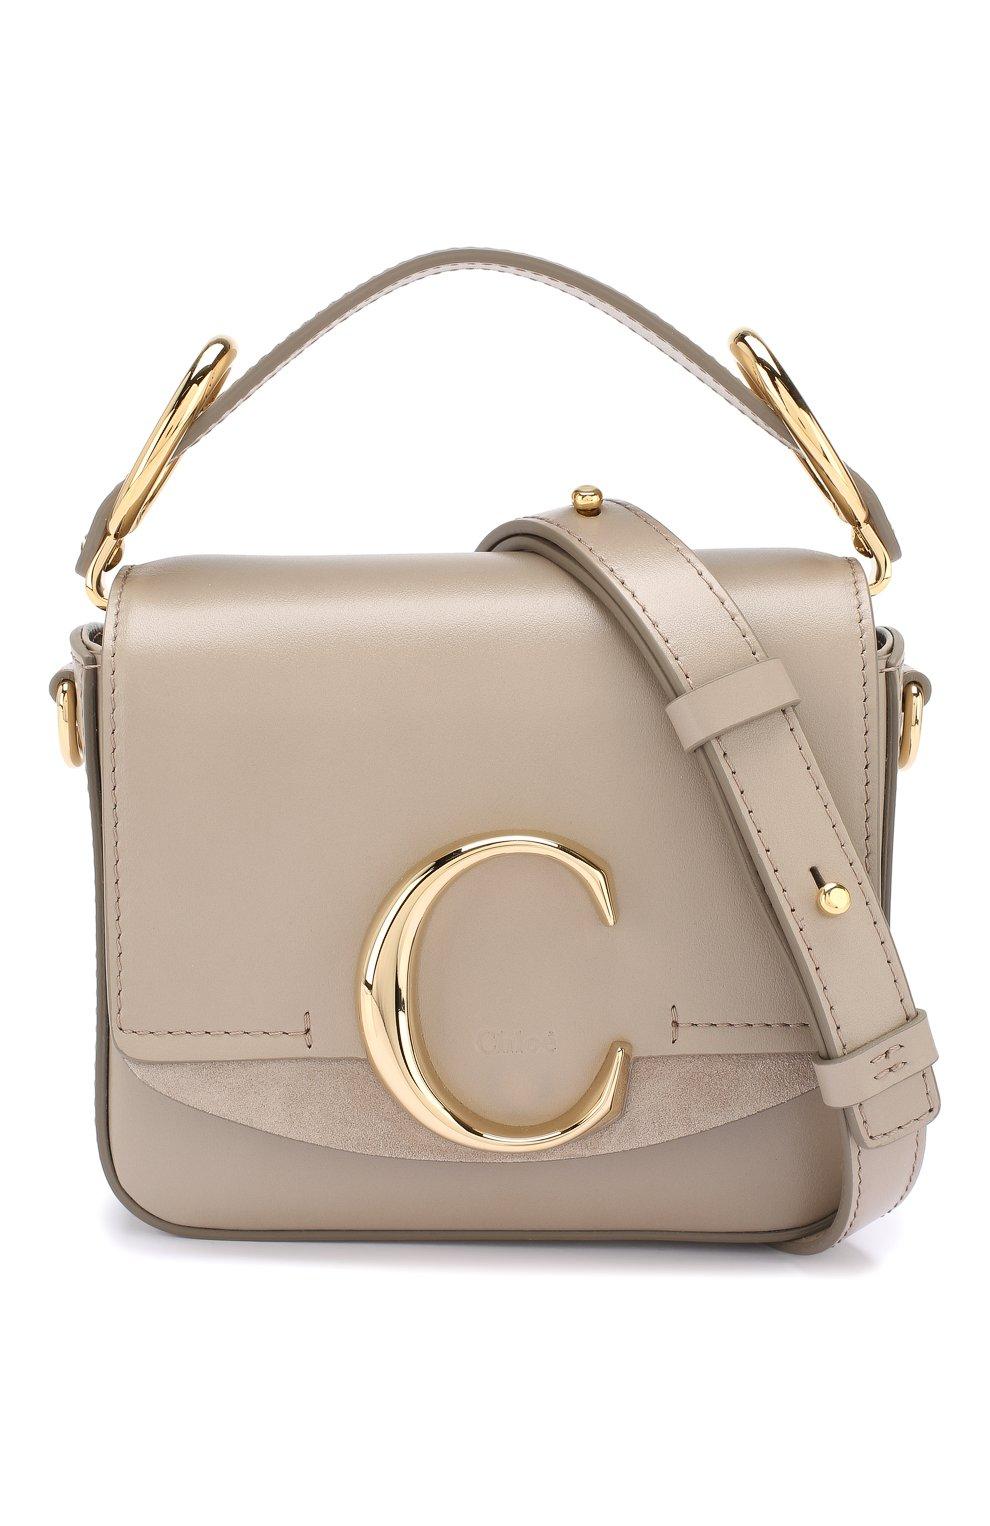 81798ade8291 Женская сумка chloé c mini CHLOÉ серая цвета — купить за 79950 руб ...